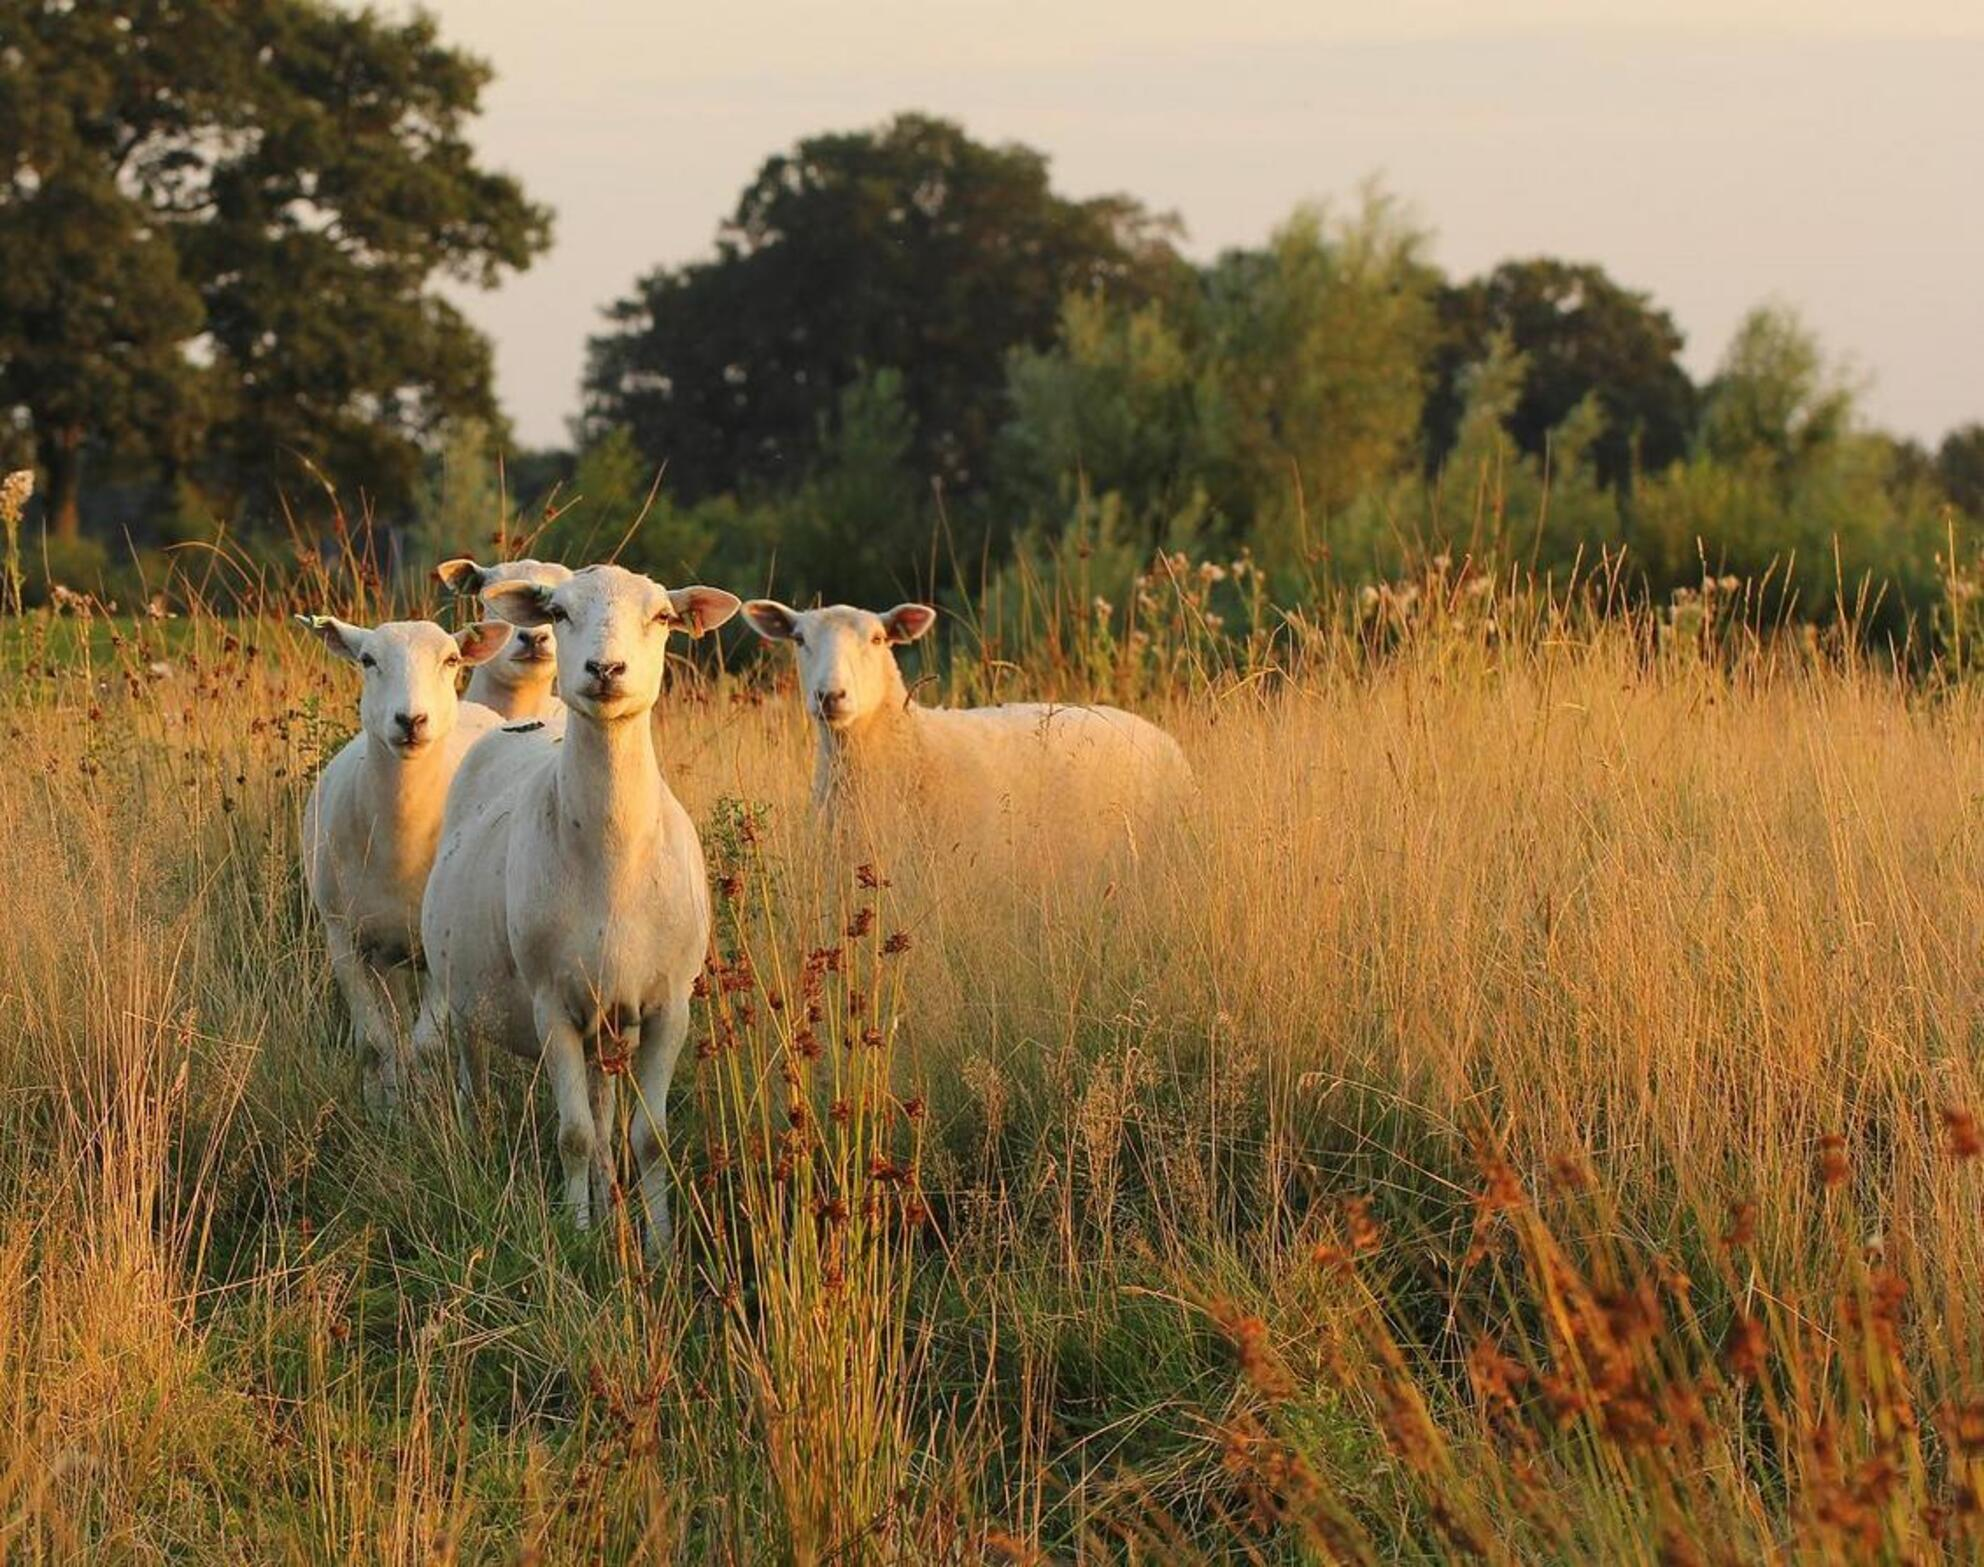 Wat doe je hier ?? - Vier schapen bij Loozen, vlak voor zonsondergang. - foto door Duckie_zoom op 27-08-2013 - deze foto bevat: gras, zonsondergang, schaap, ogen, macrolens, loozen - Deze foto mag gebruikt worden in een Zoom.nl publicatie